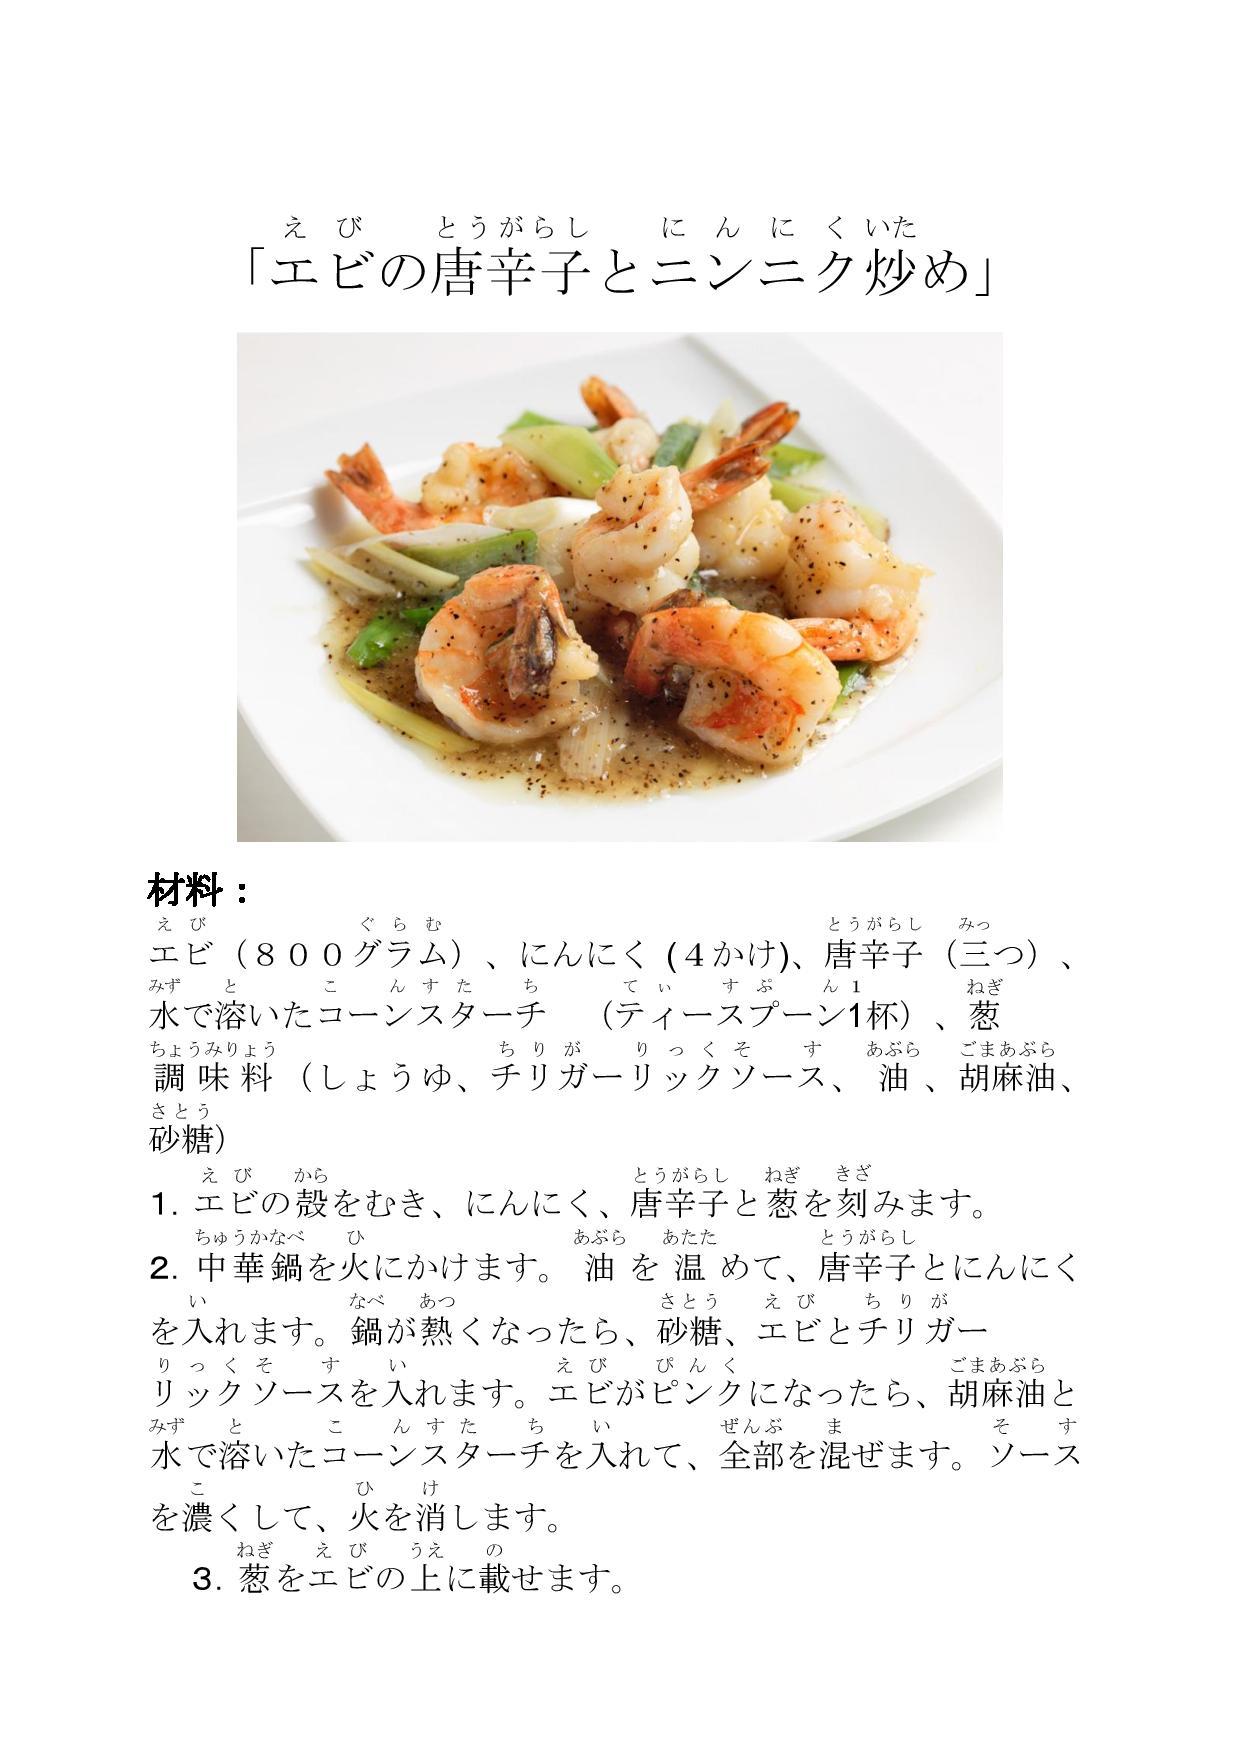 エビの唐辛子とニンニク炒め-page-001